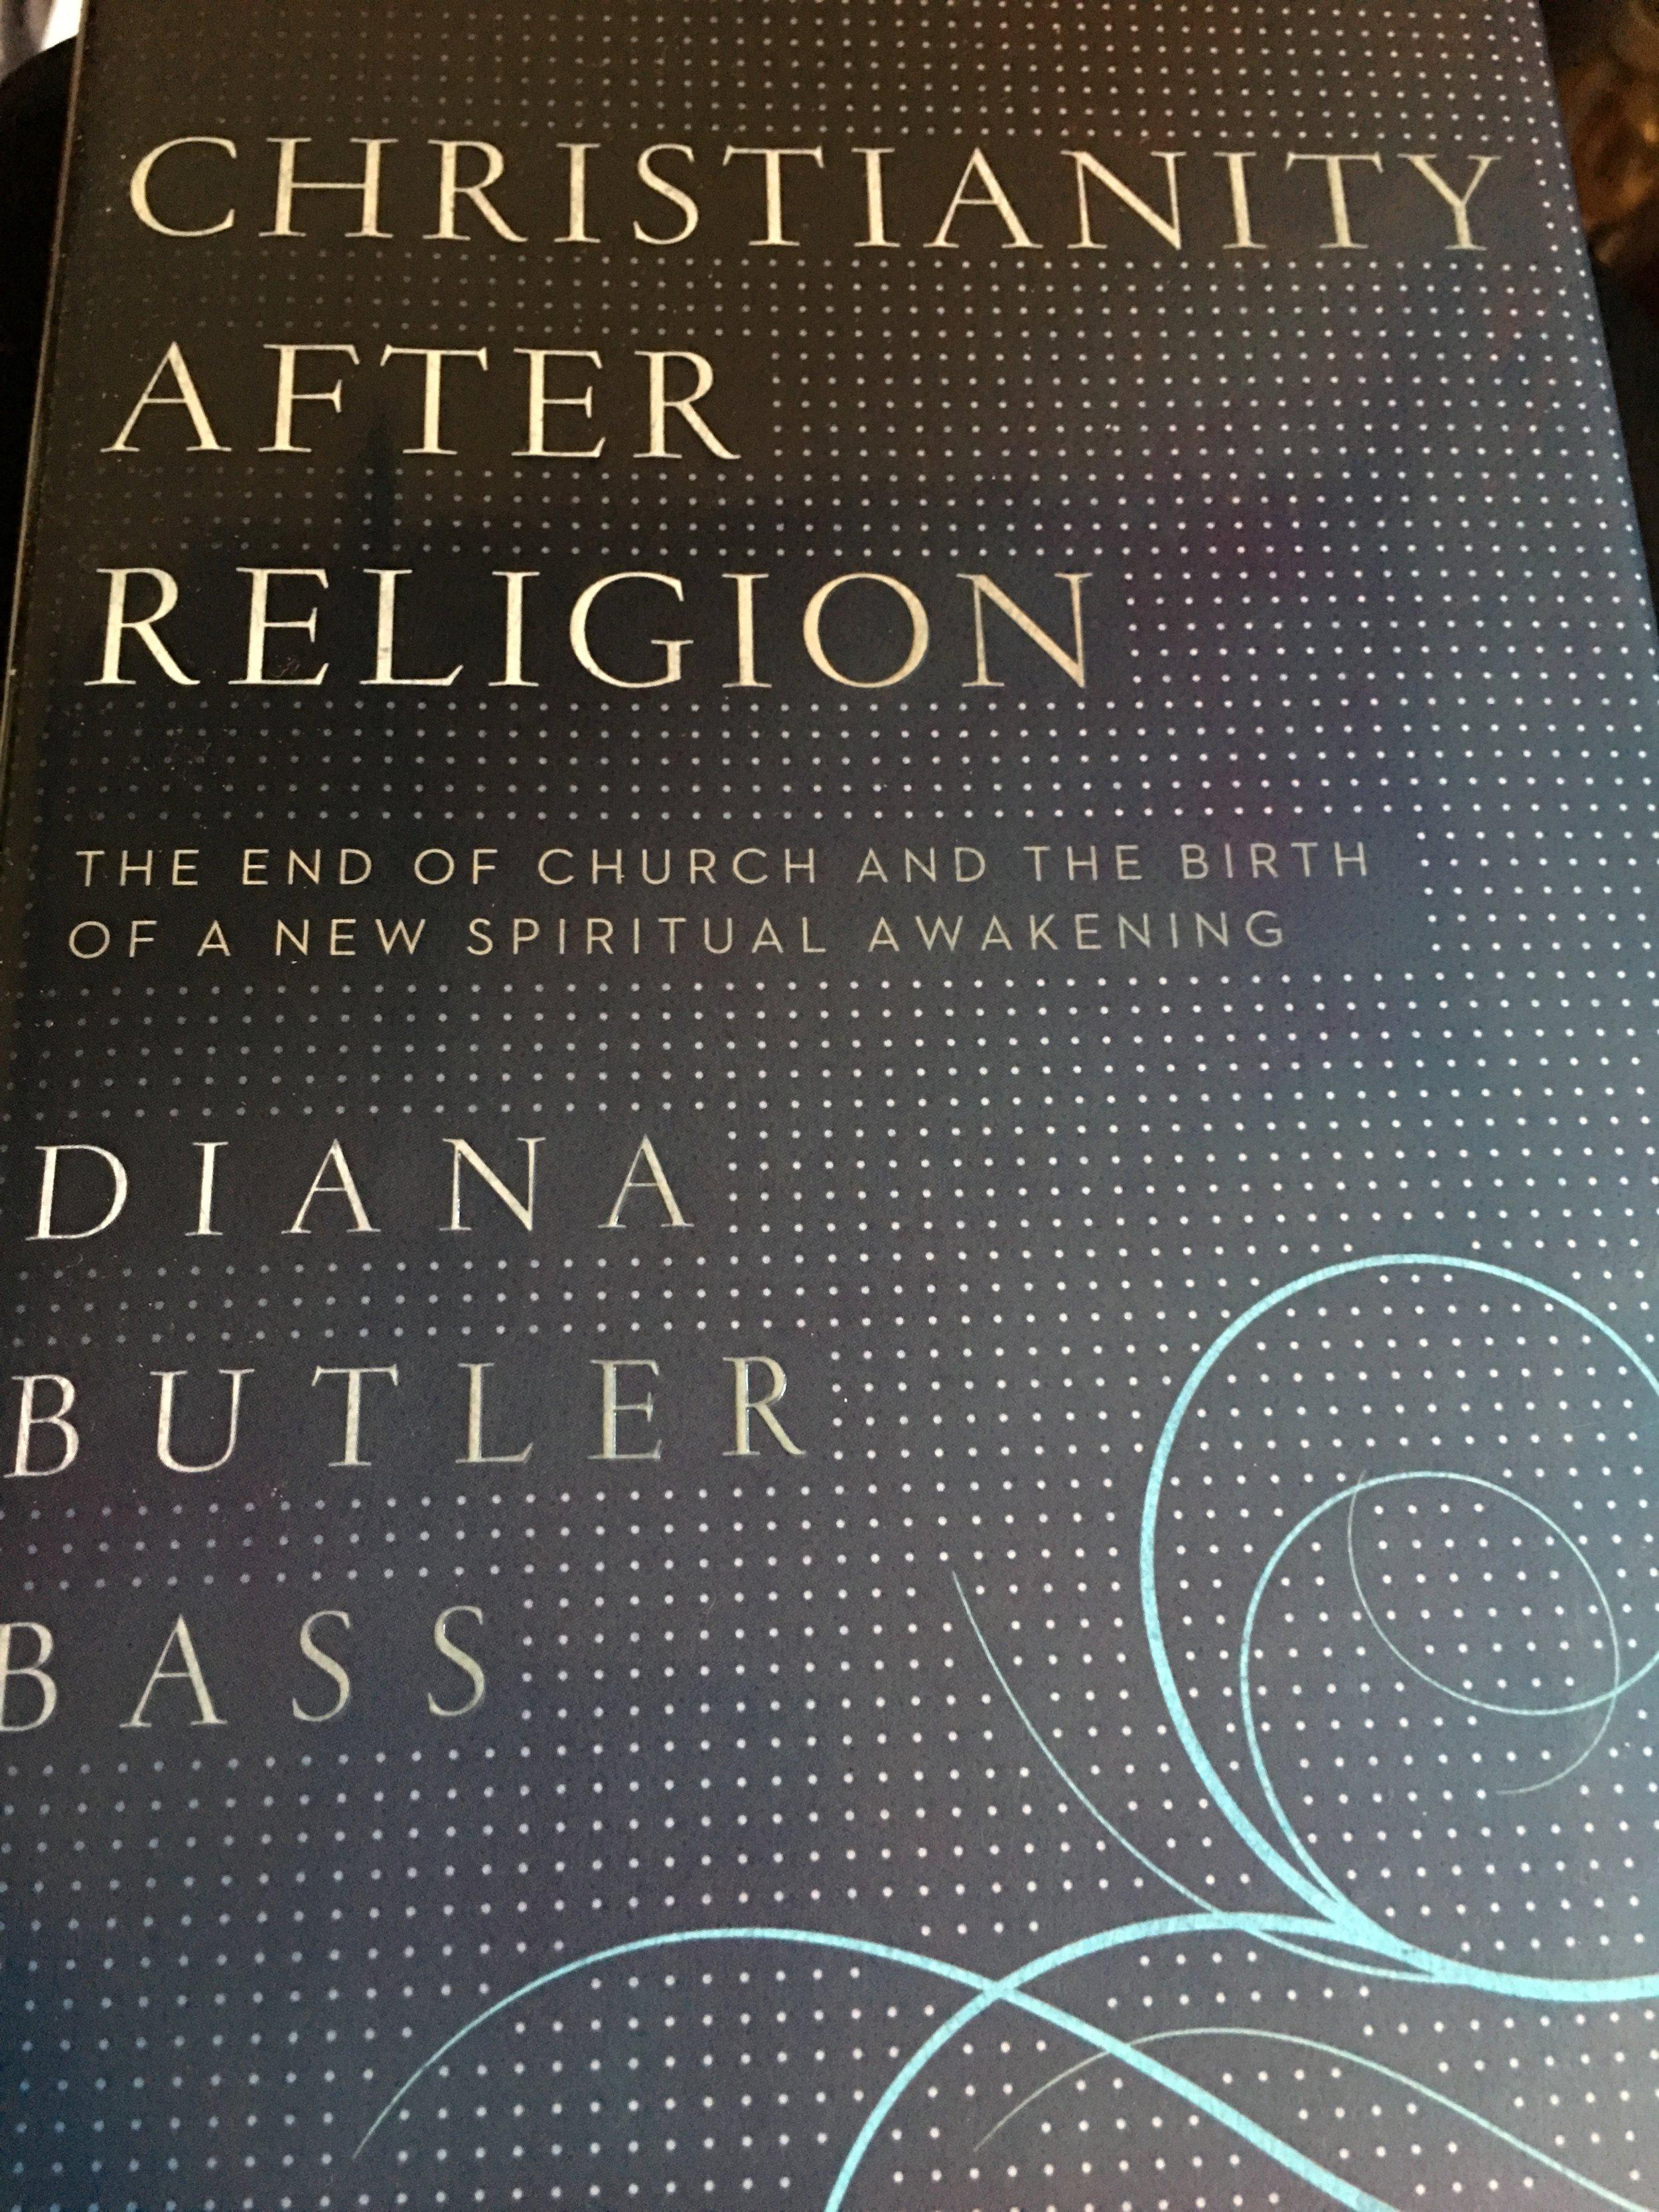 butler bass 2.jpg